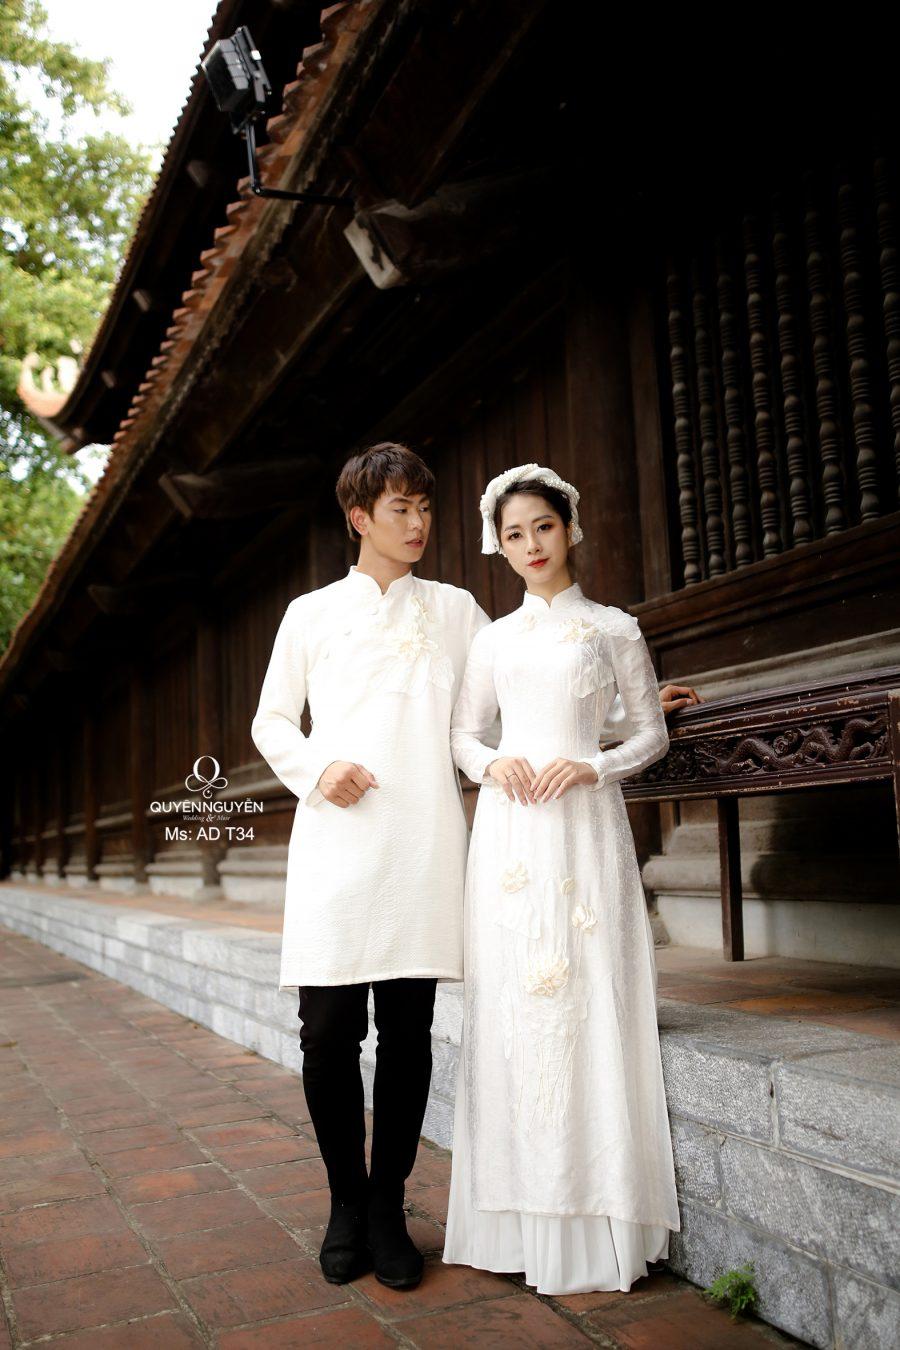 Bộ sưu tập những mẫu áo dài đôi đẹp nhất tại Quyên Nguyễn Bridal